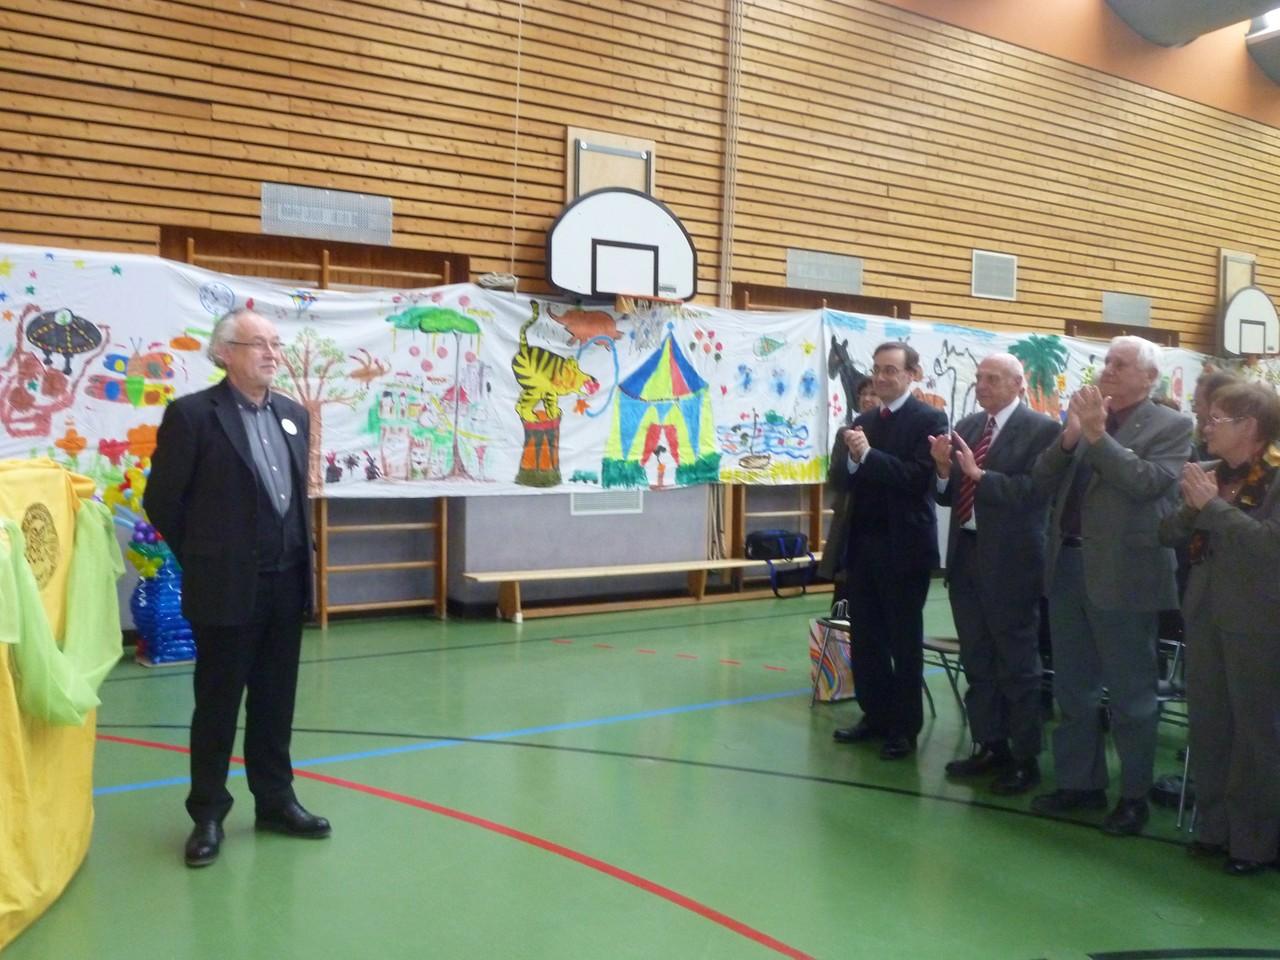 Foto O. Kindermann, Standing ovation erhält Herr Blaum zum Ende seiner Ausführungen